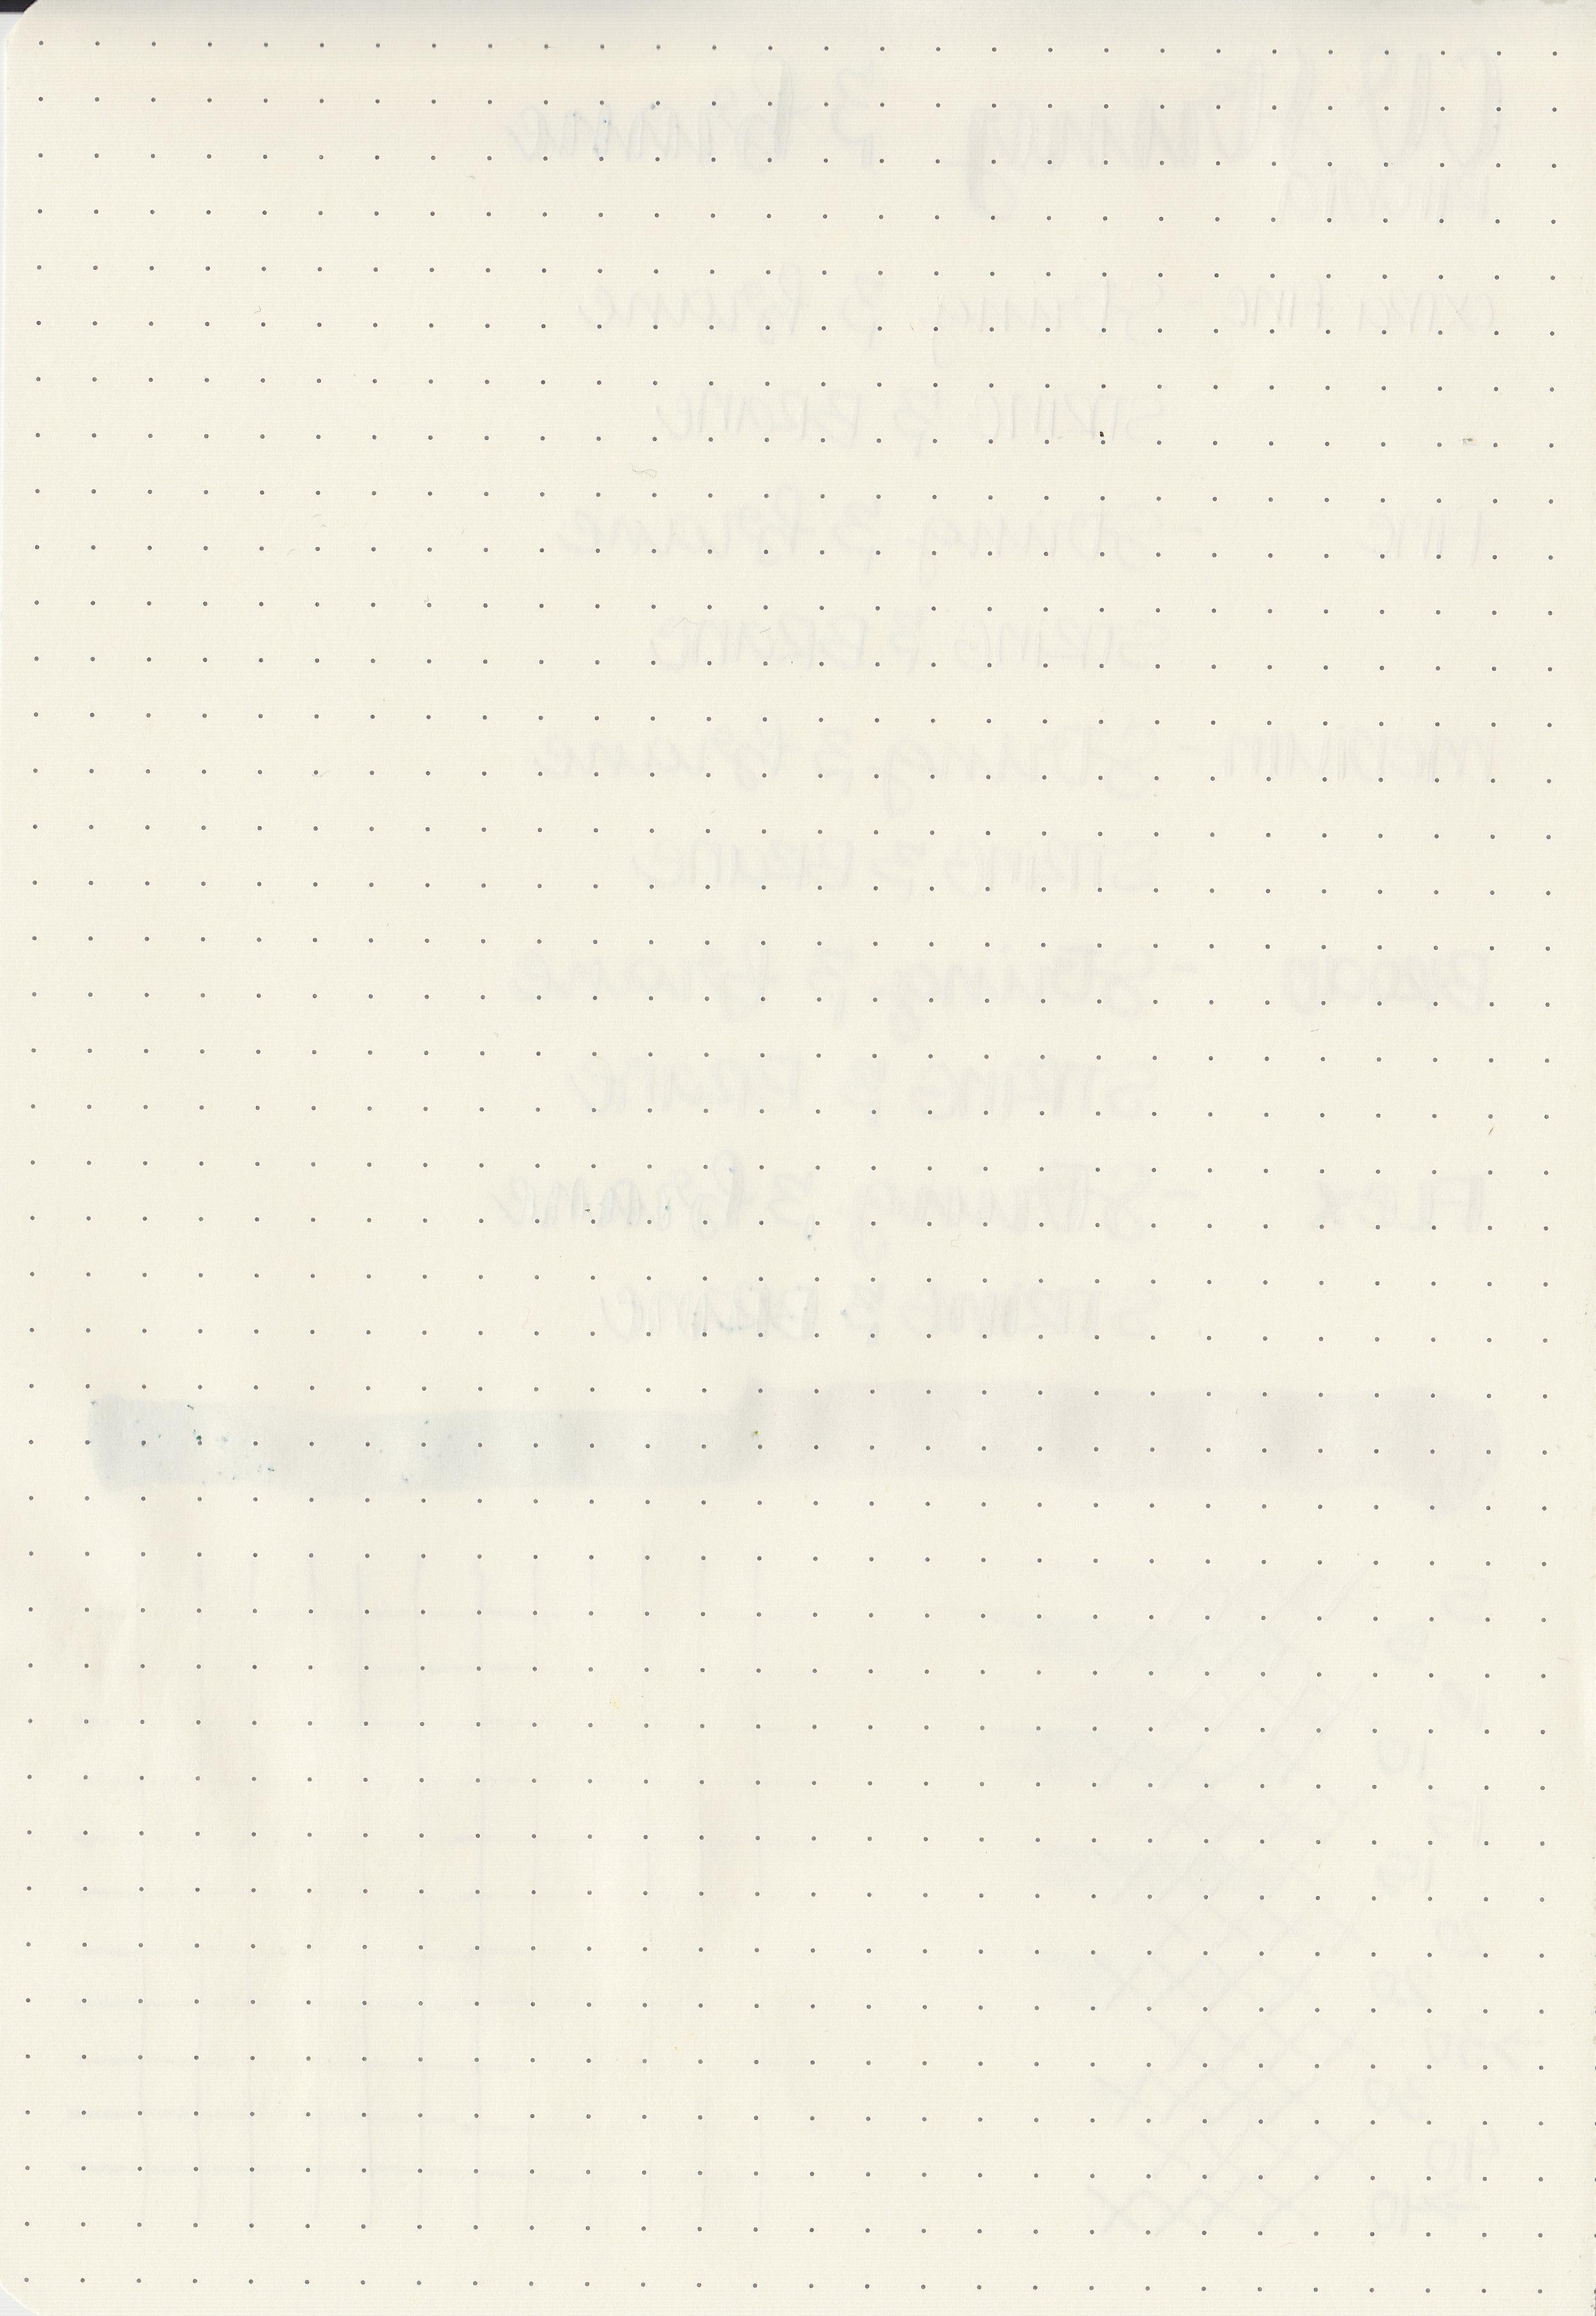 cv-string-brane-9.jpg